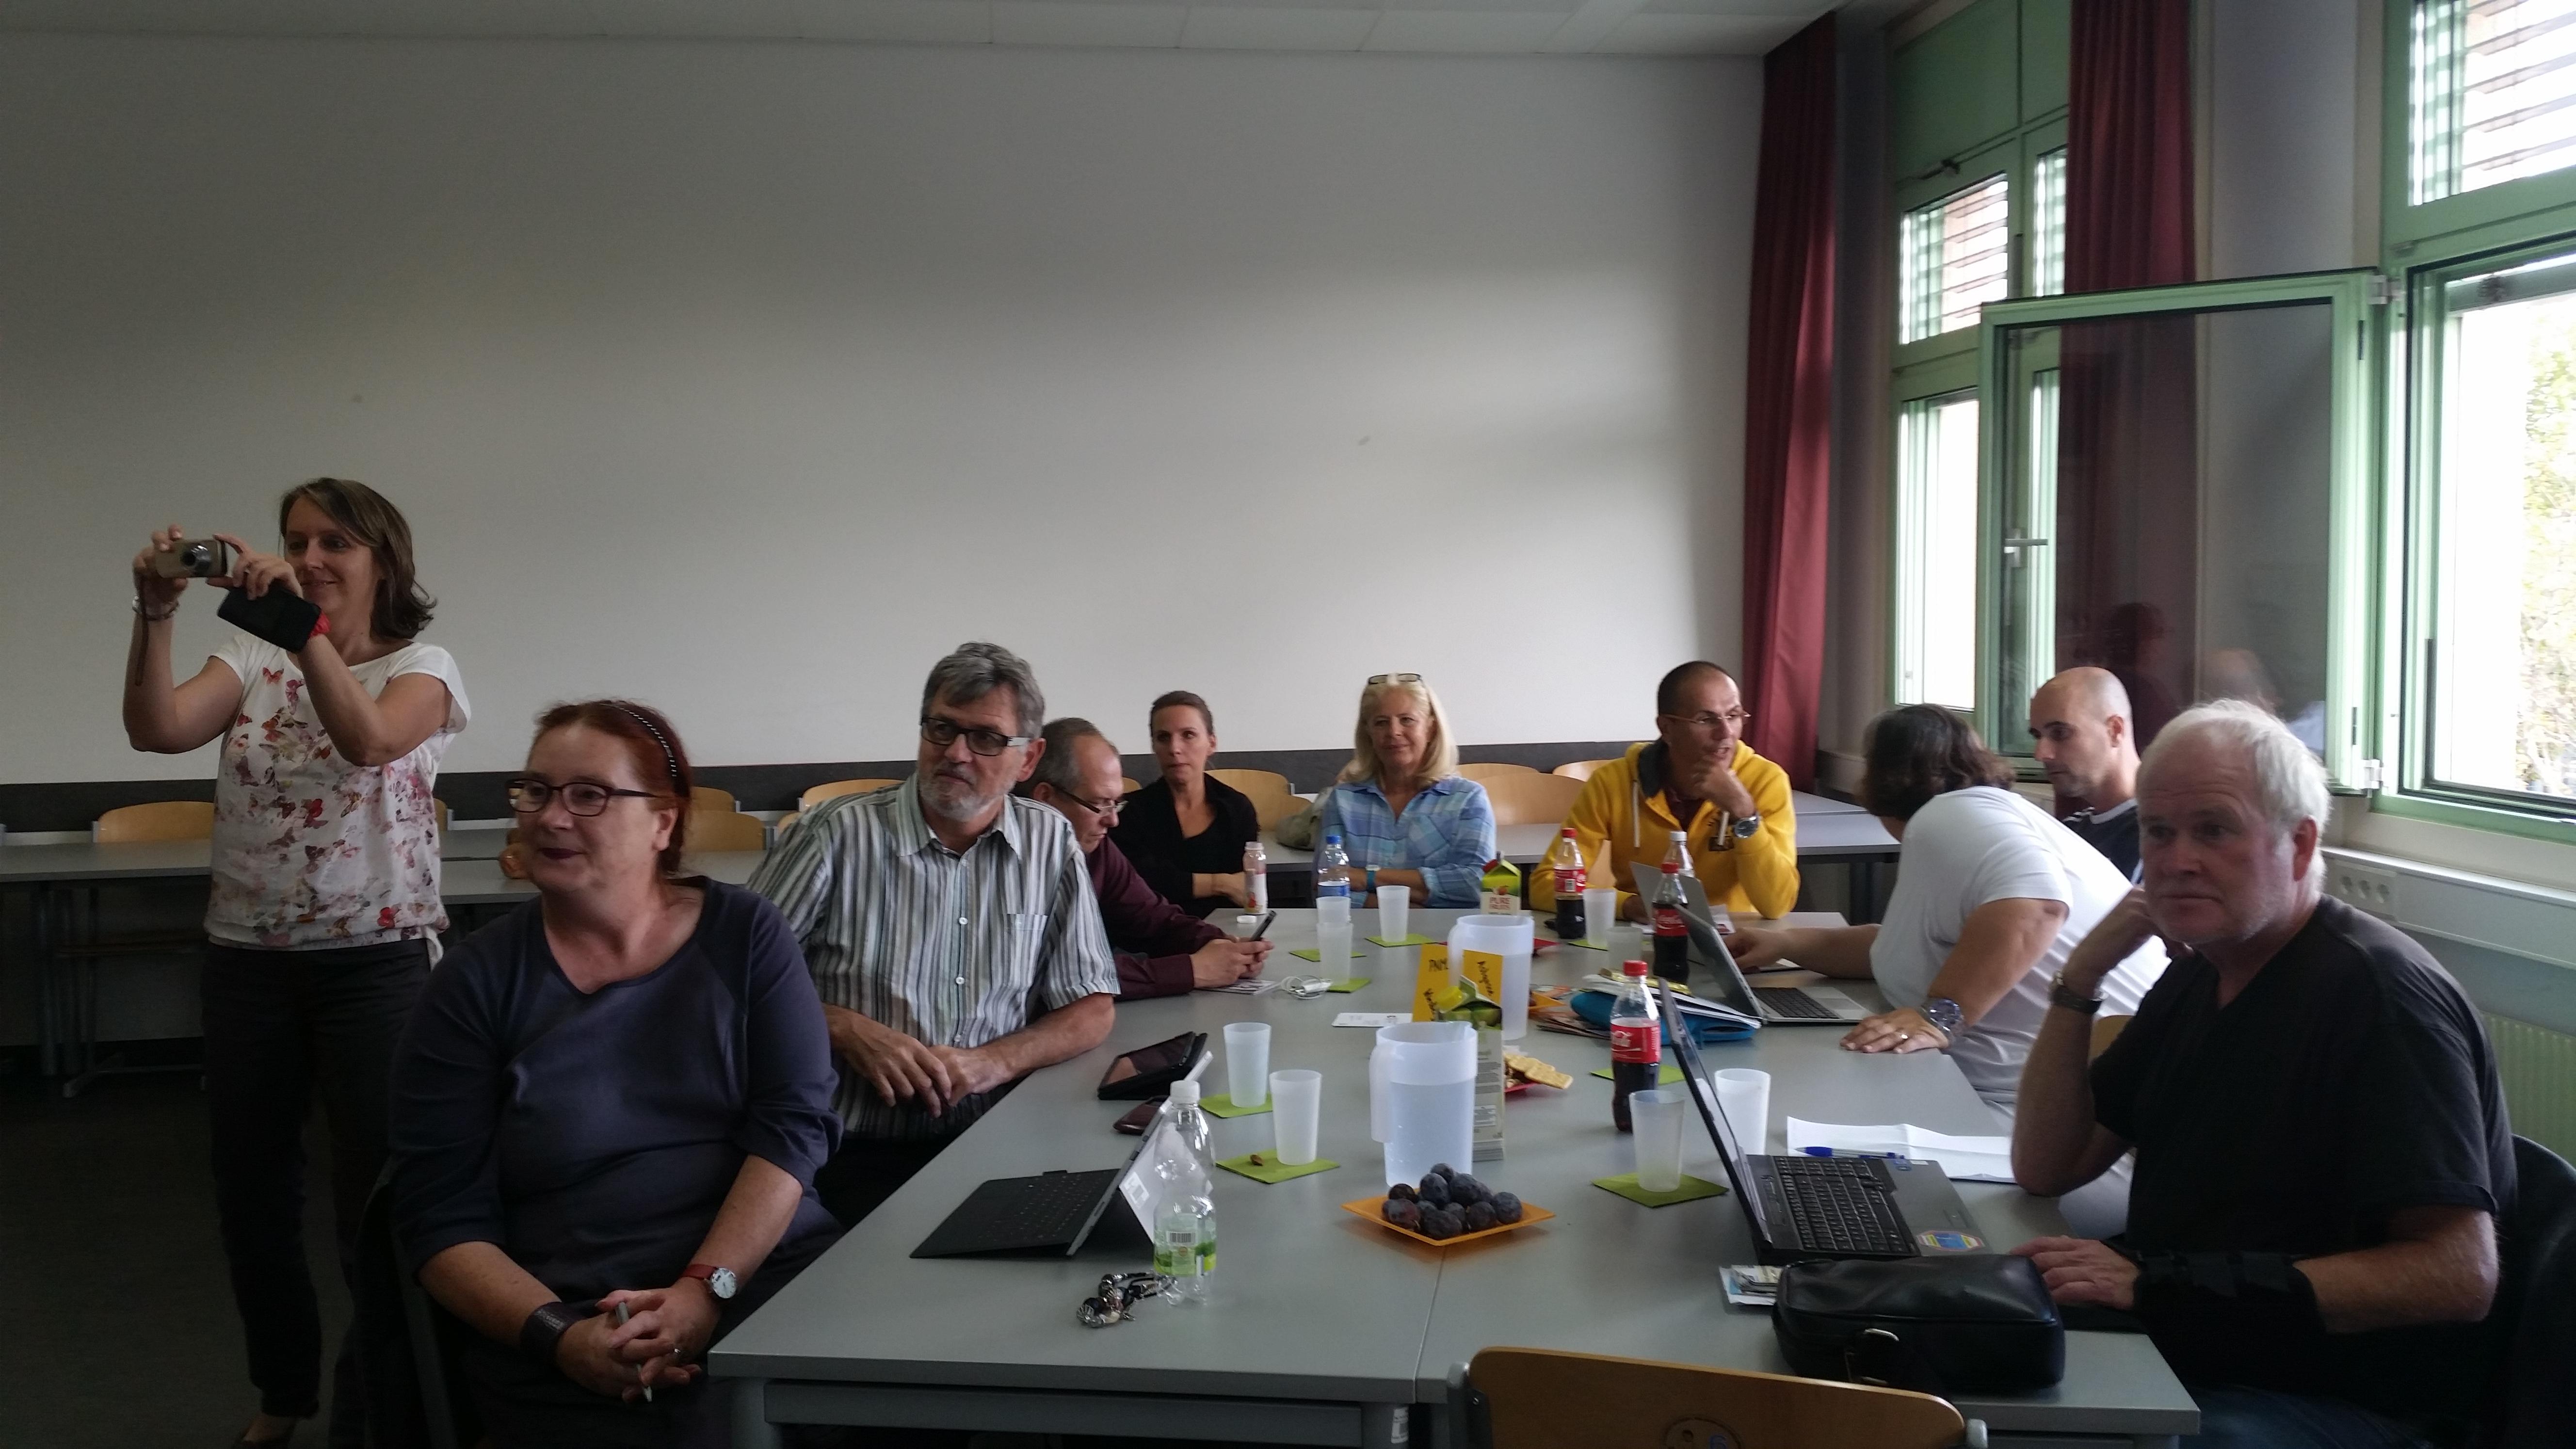 Teilnehmer/innen KidZ SttartUp 2015